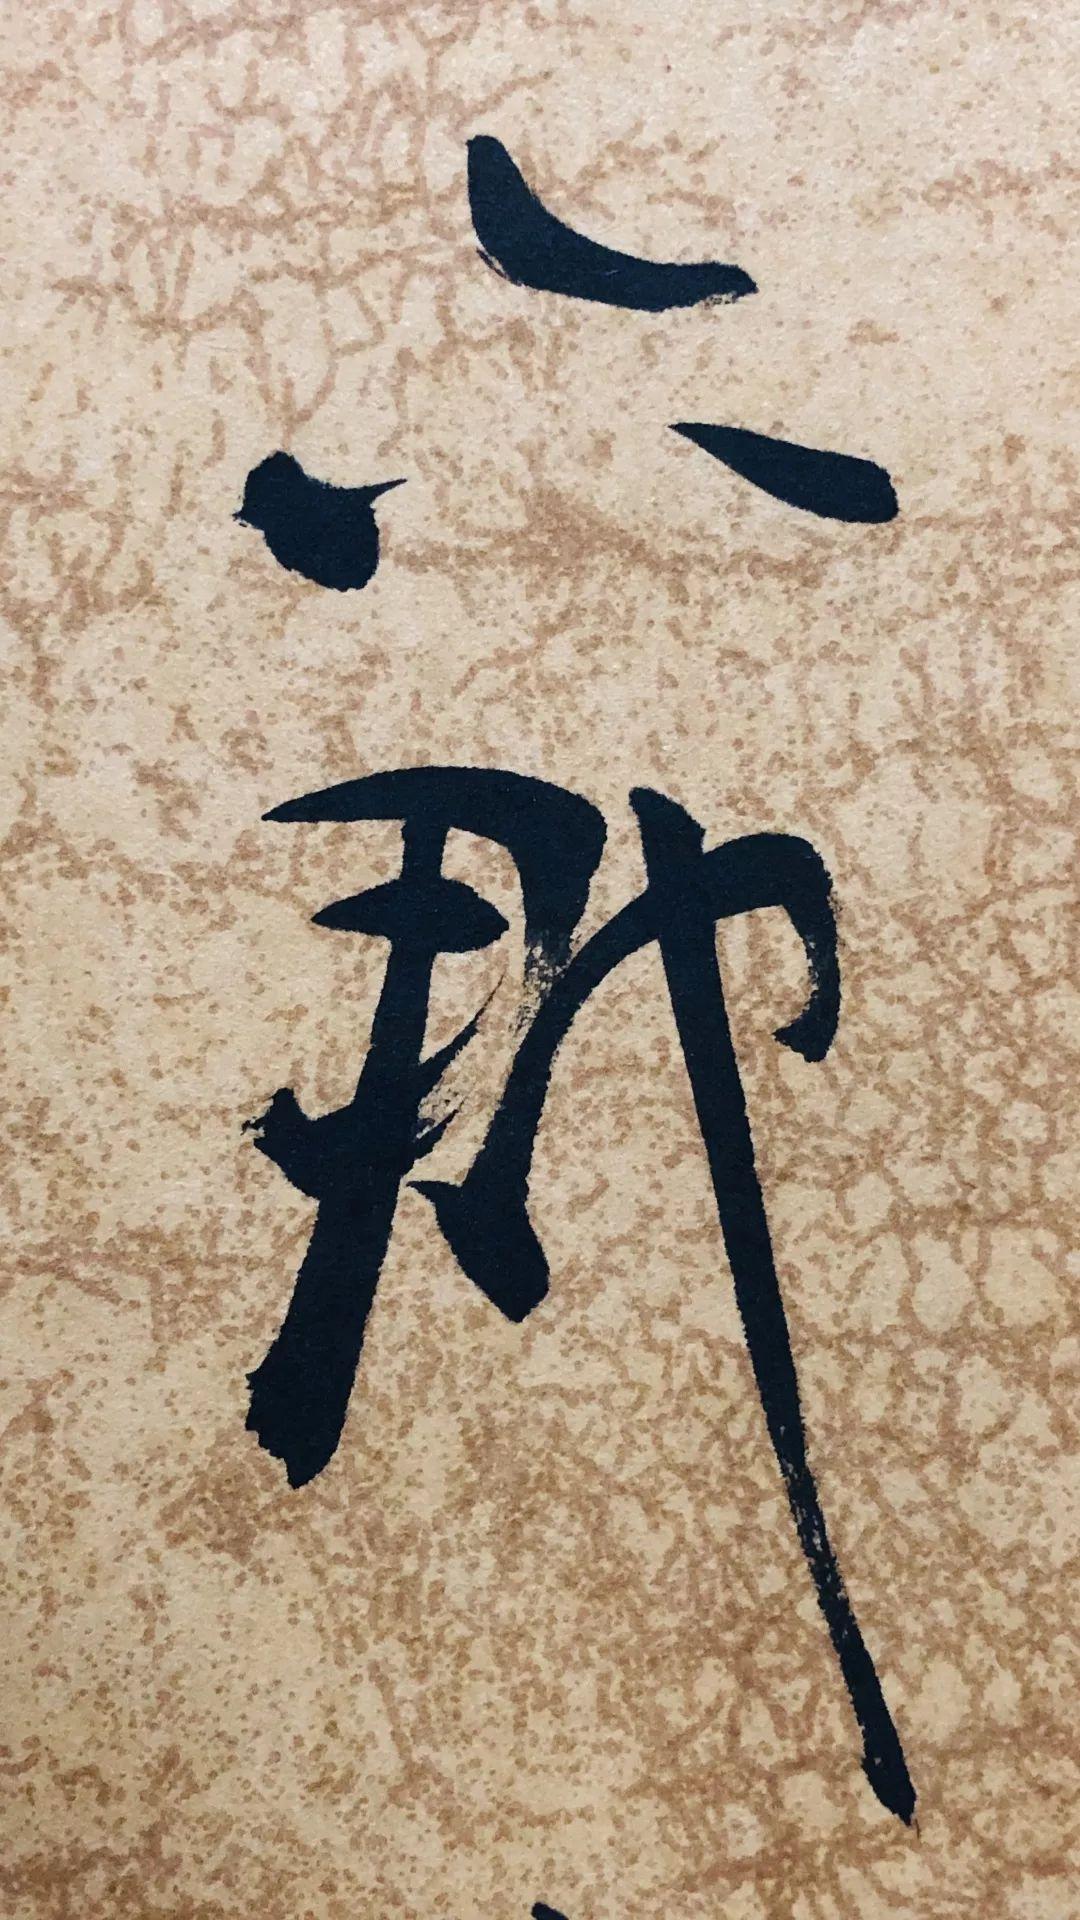 ...蟾宫折桂」解释什么意思_蟾宫折桂 的解释及出处 - 汉语大词典